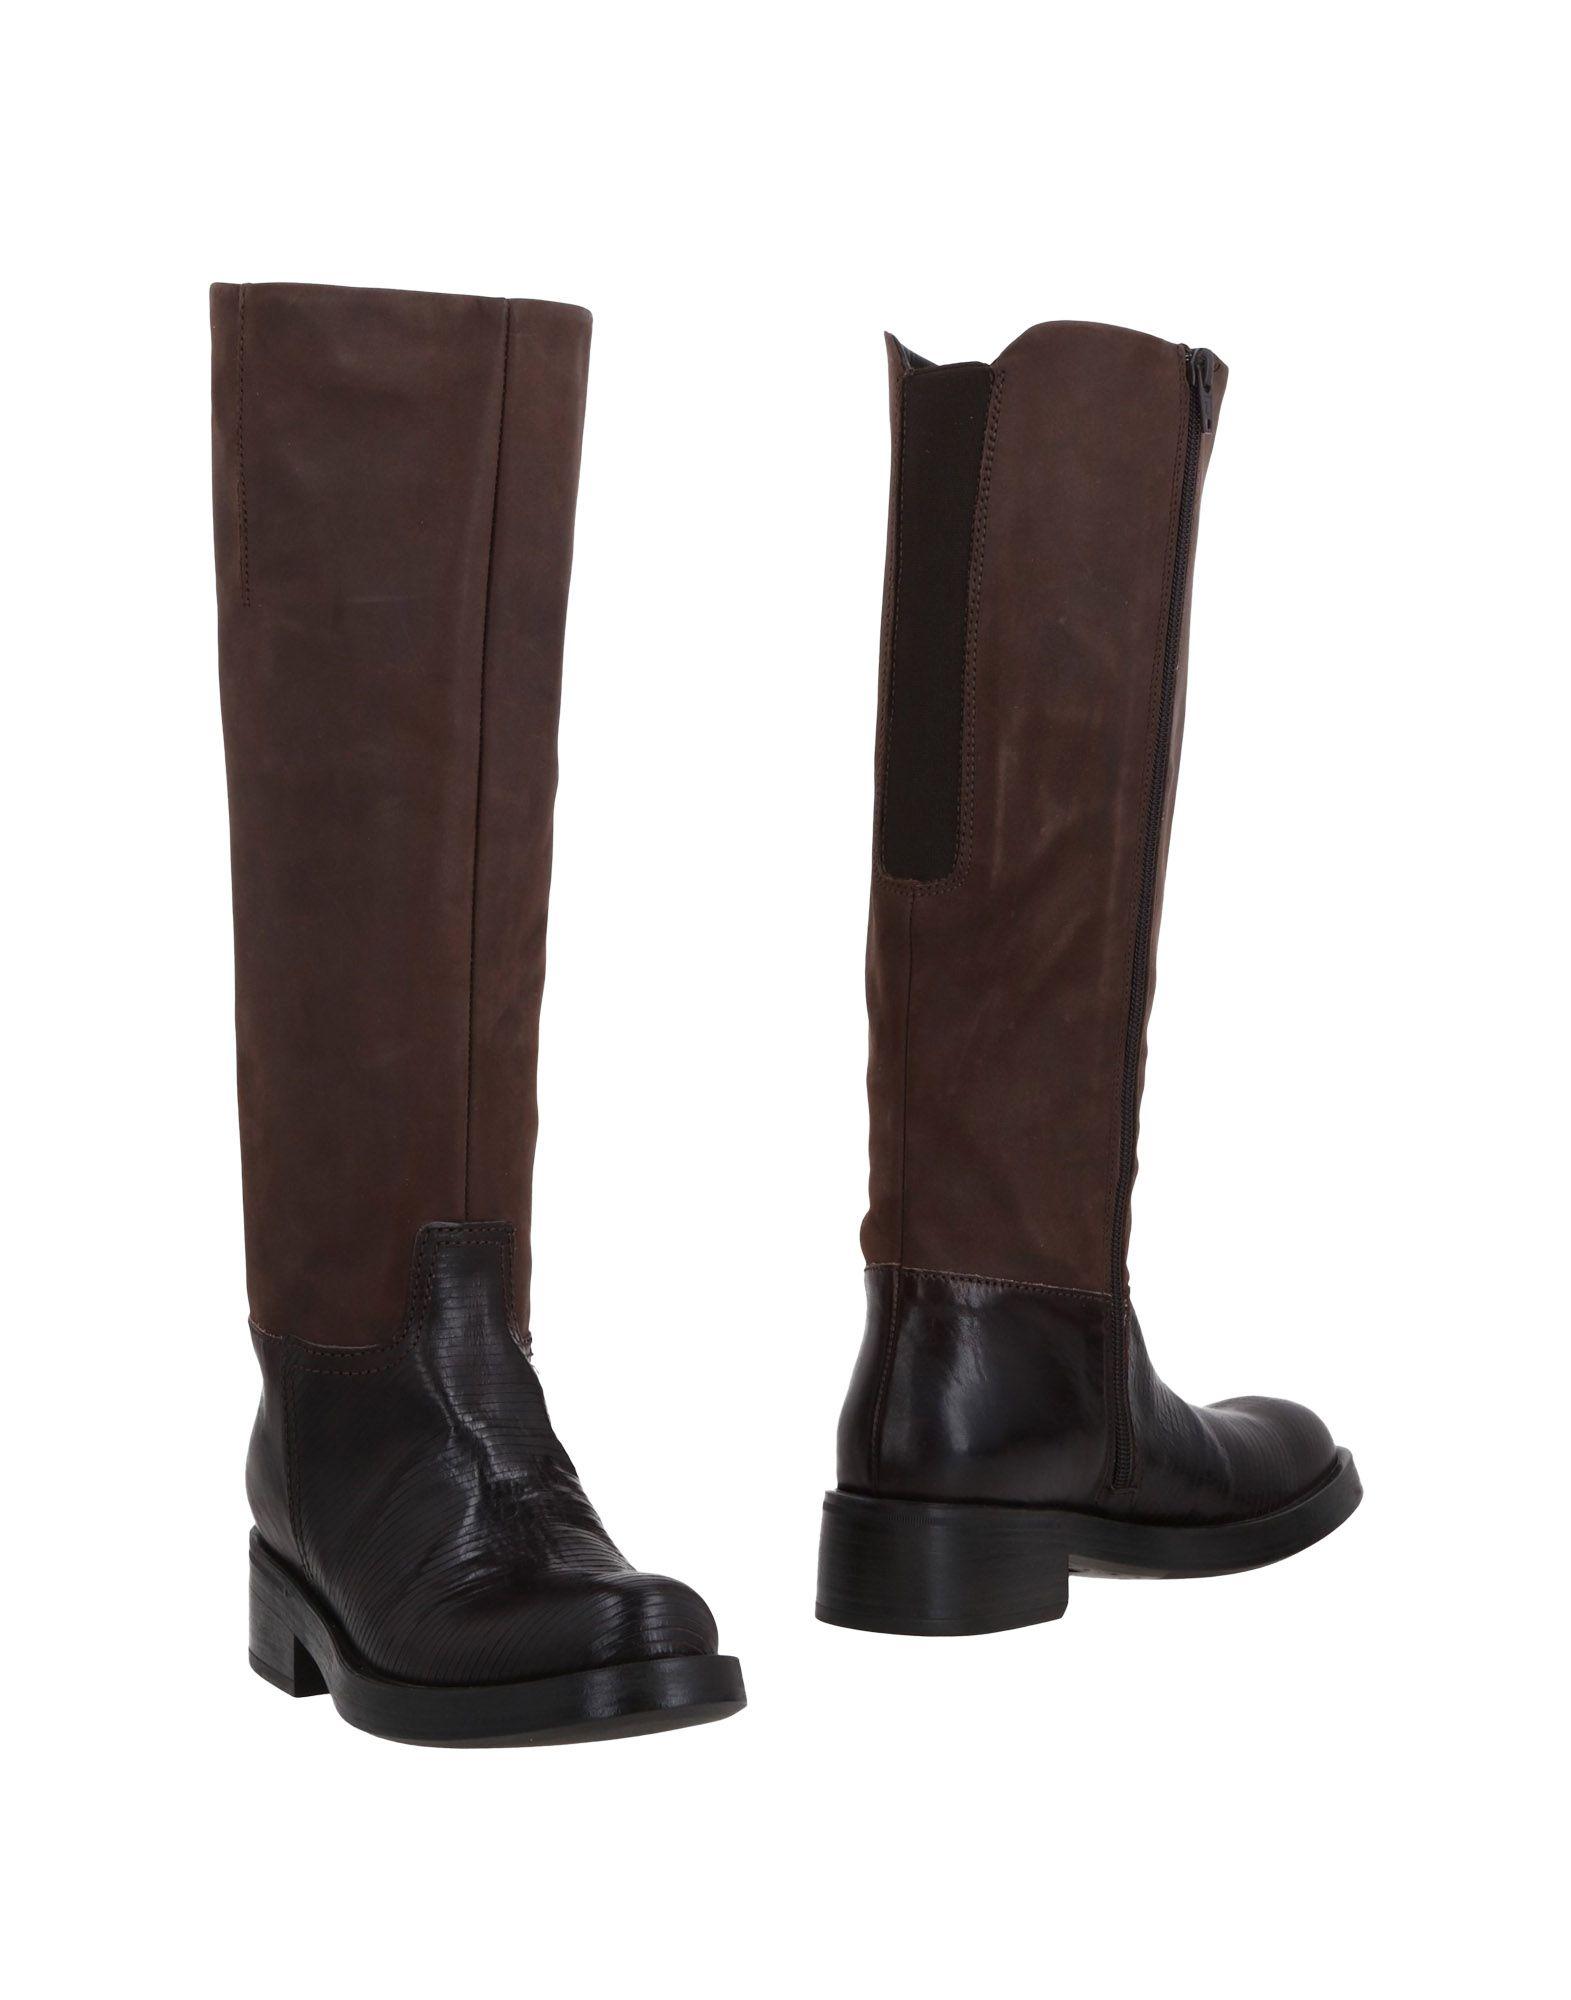 Logan Stiefel beliebte Damen  11472317WB Gute Qualität beliebte Stiefel Schuhe 0dcbb6